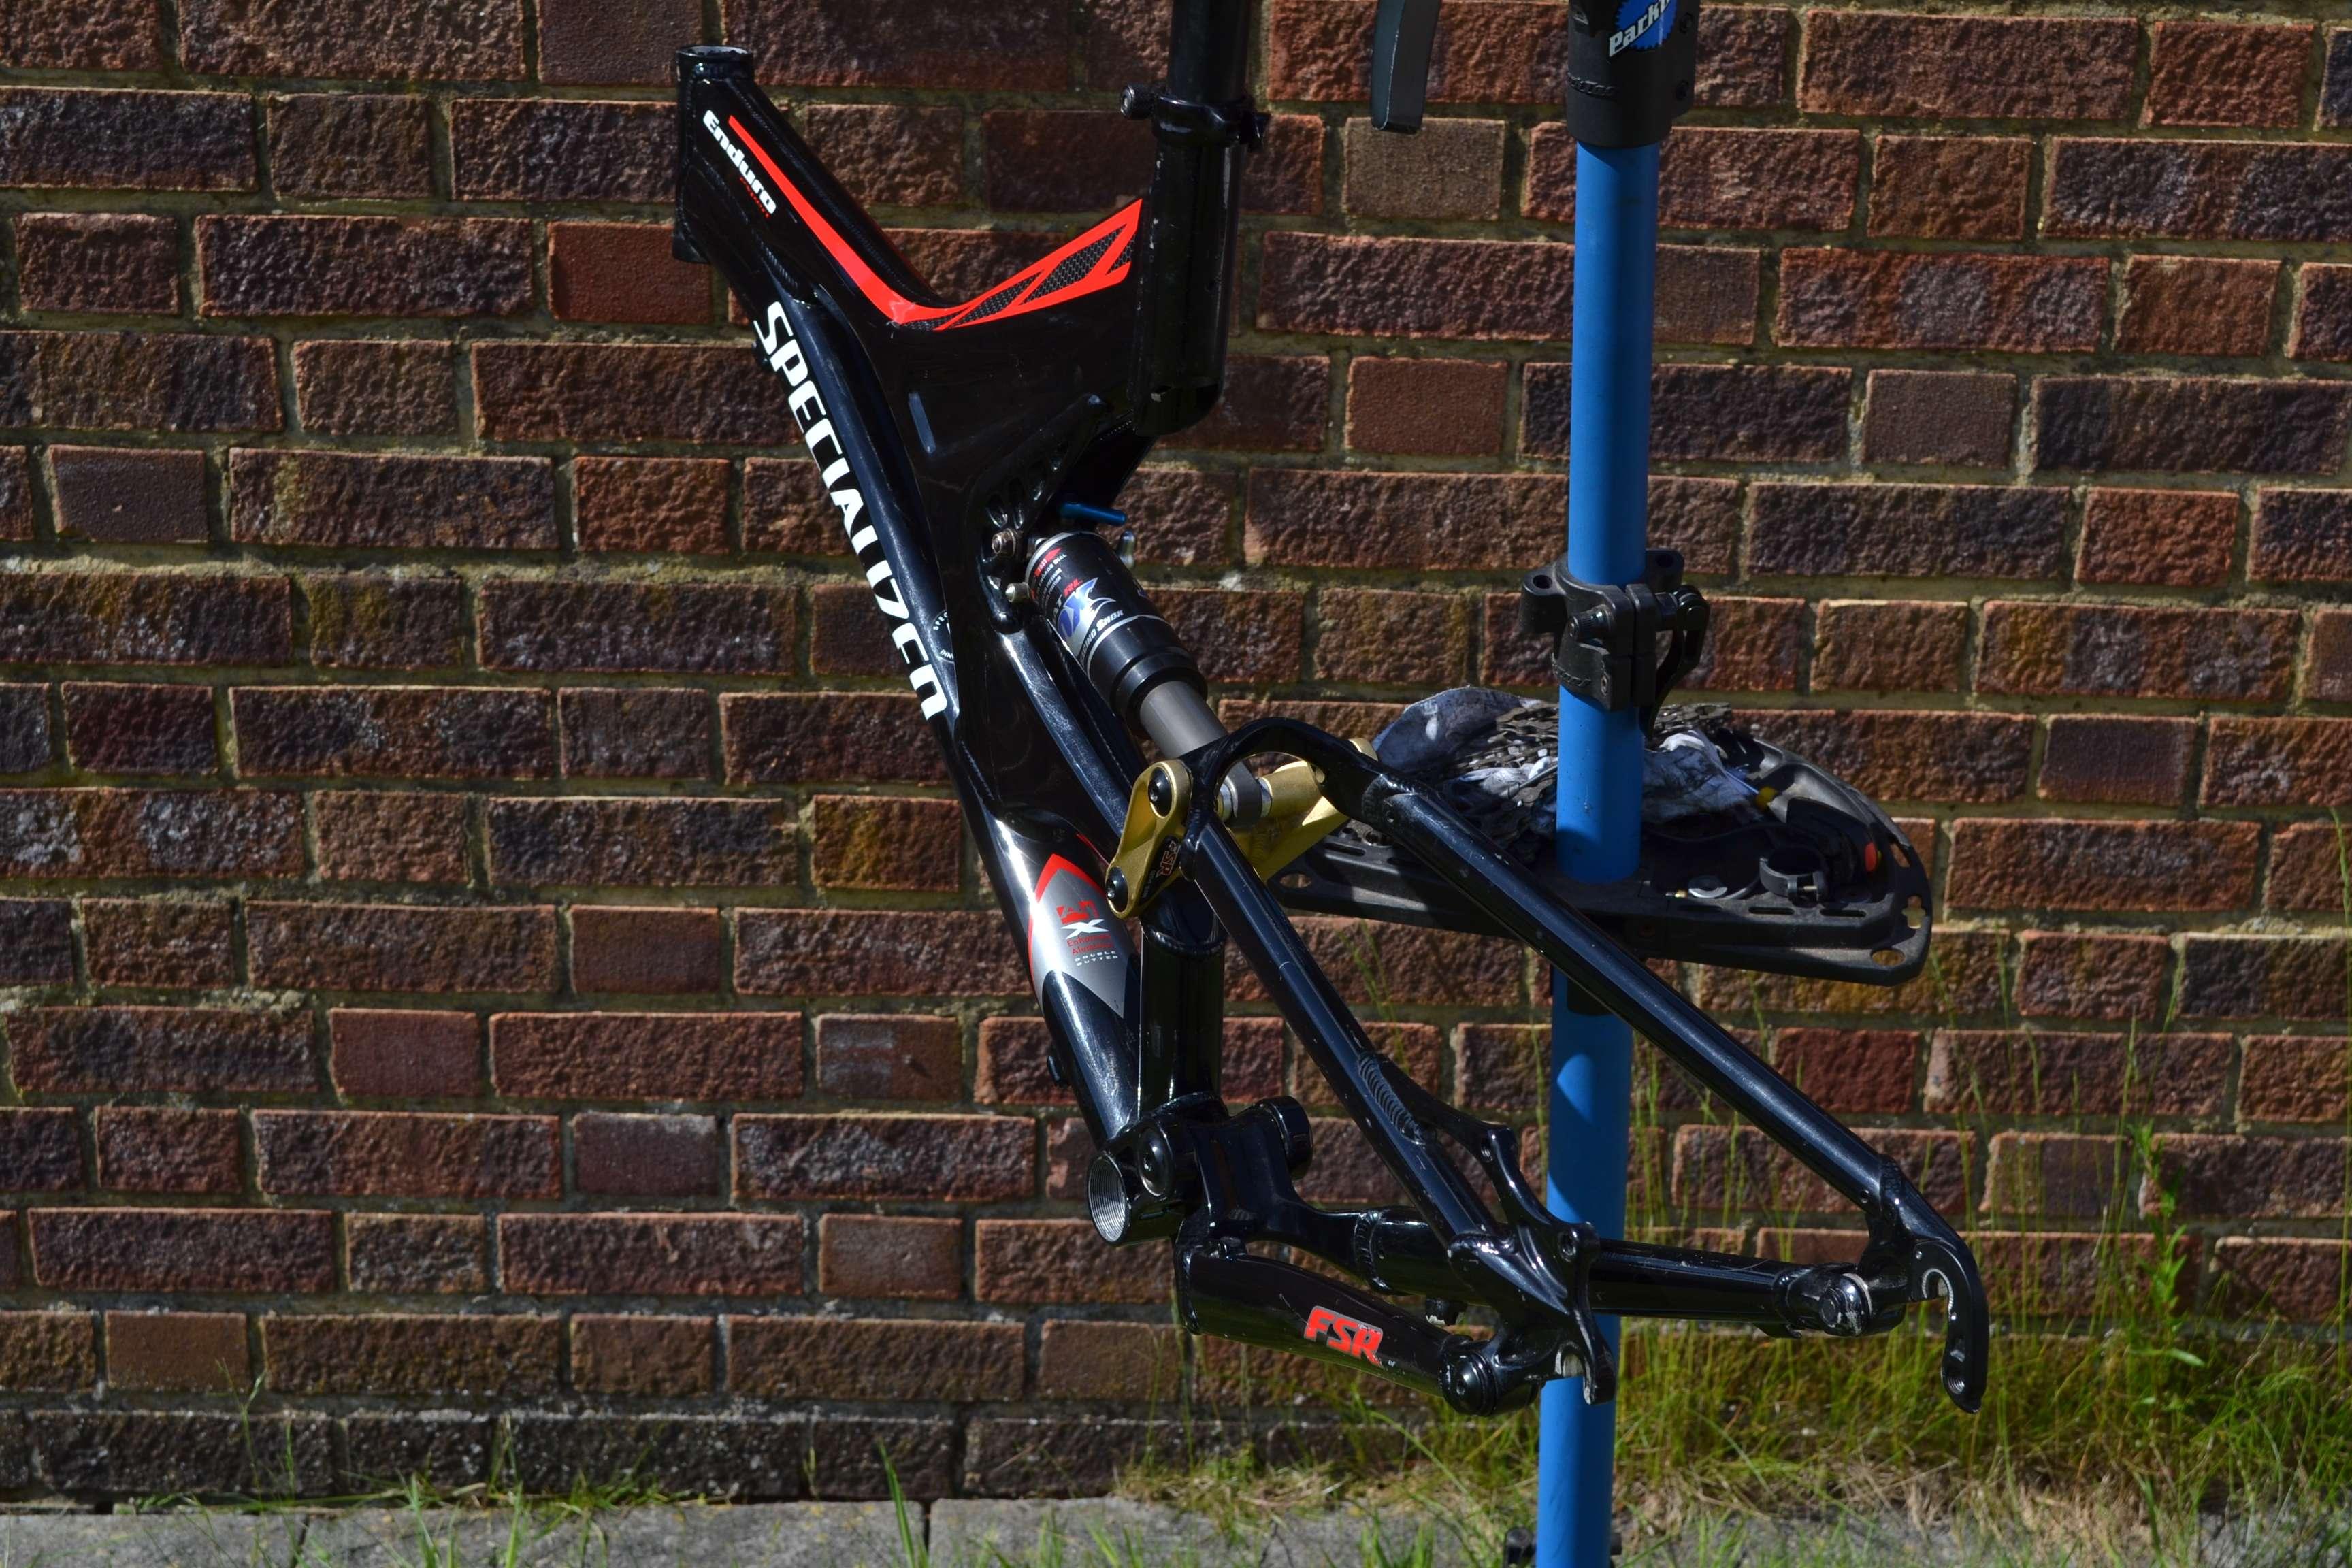 2002 specialized enduro fsr expert full suspension mountain bike frame disk alu. Black Bedroom Furniture Sets. Home Design Ideas